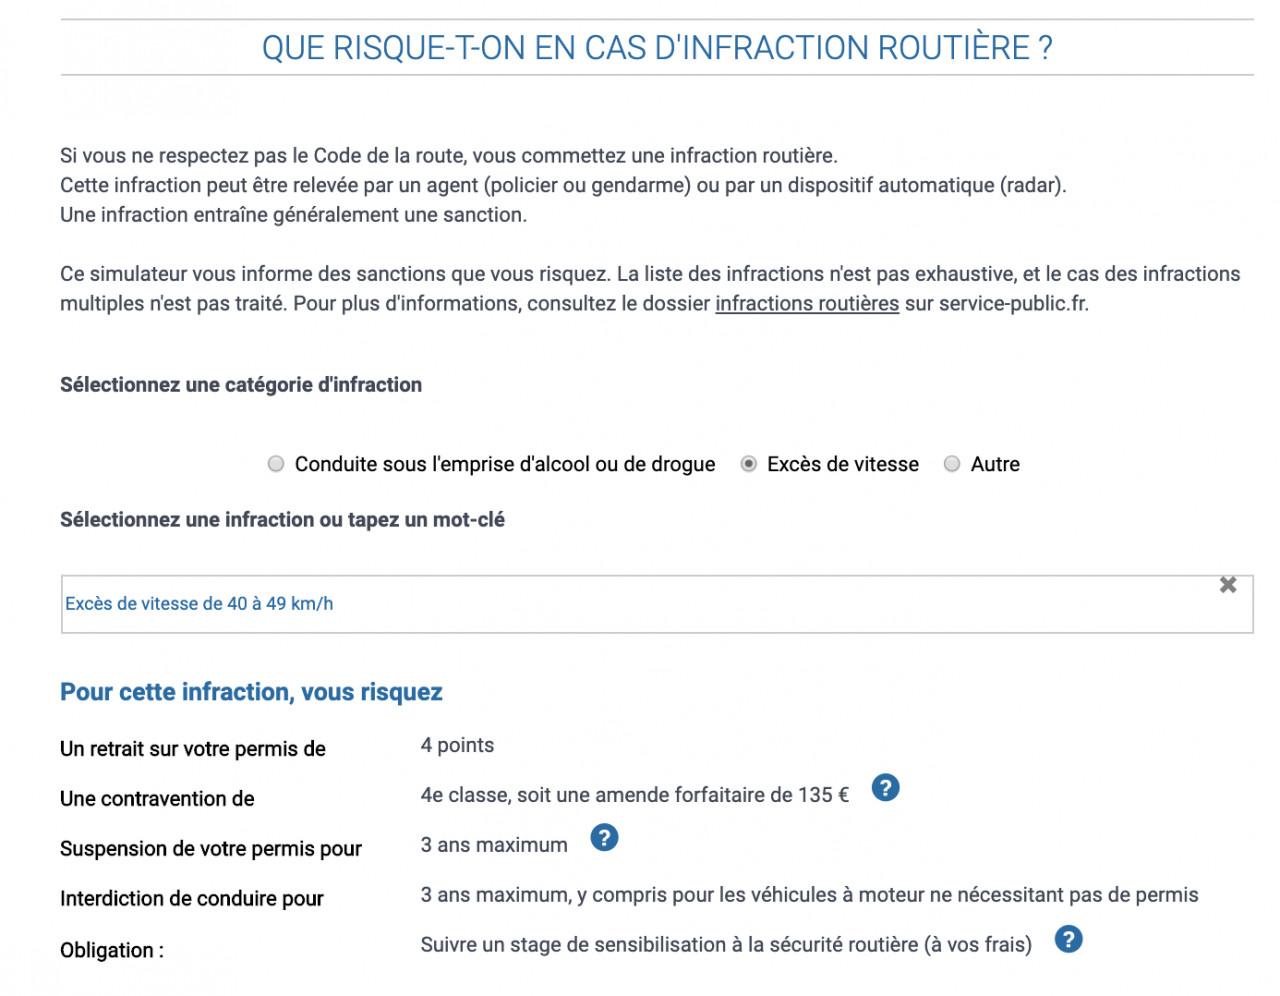 Simulateur de sanction aux infractions au Code de la route